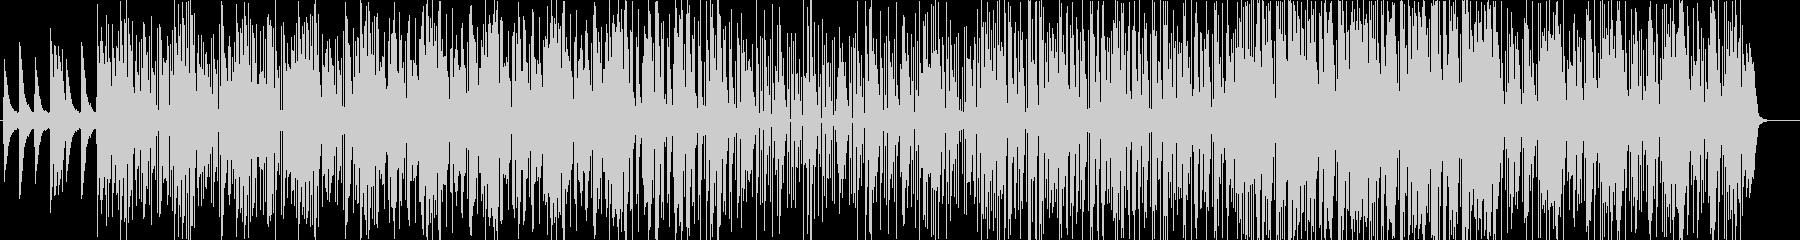 メロウでローファイなHIPHOPの未再生の波形